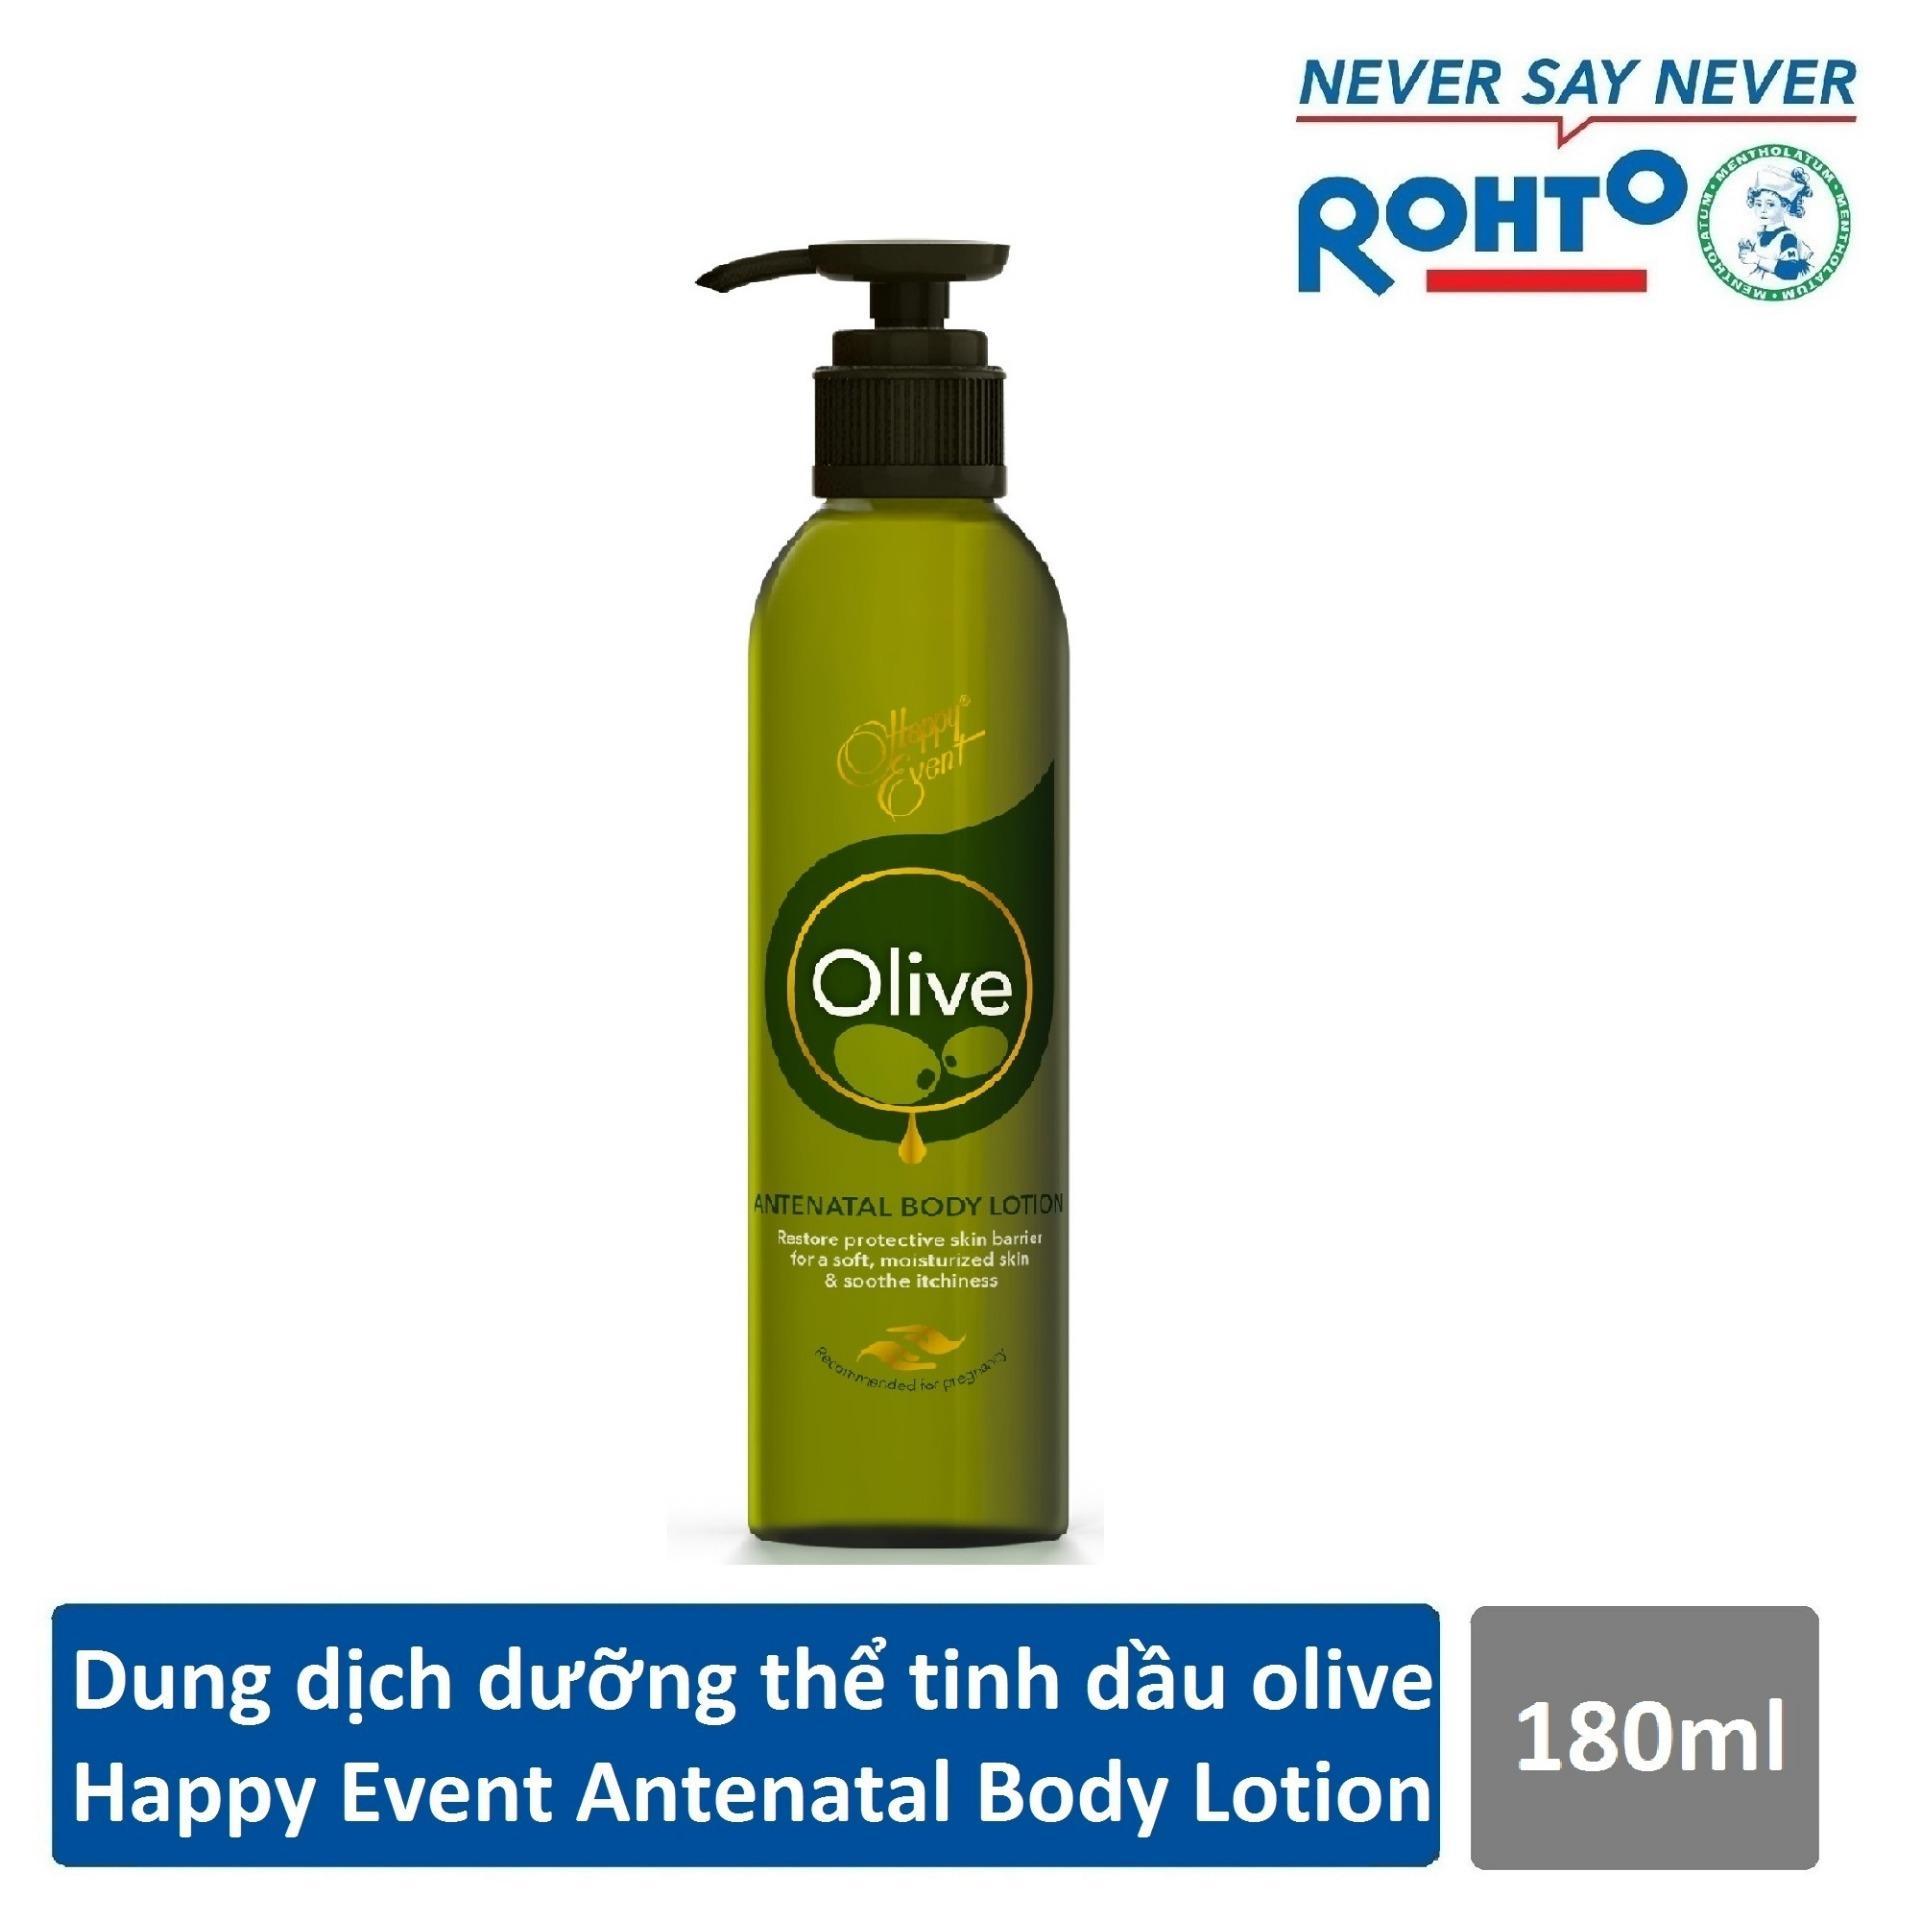 Sữa dưỡng thể tinh dầu olive dưỡng ẩm Happy Event Antenatal Body Lotion 180ml nhập khẩu